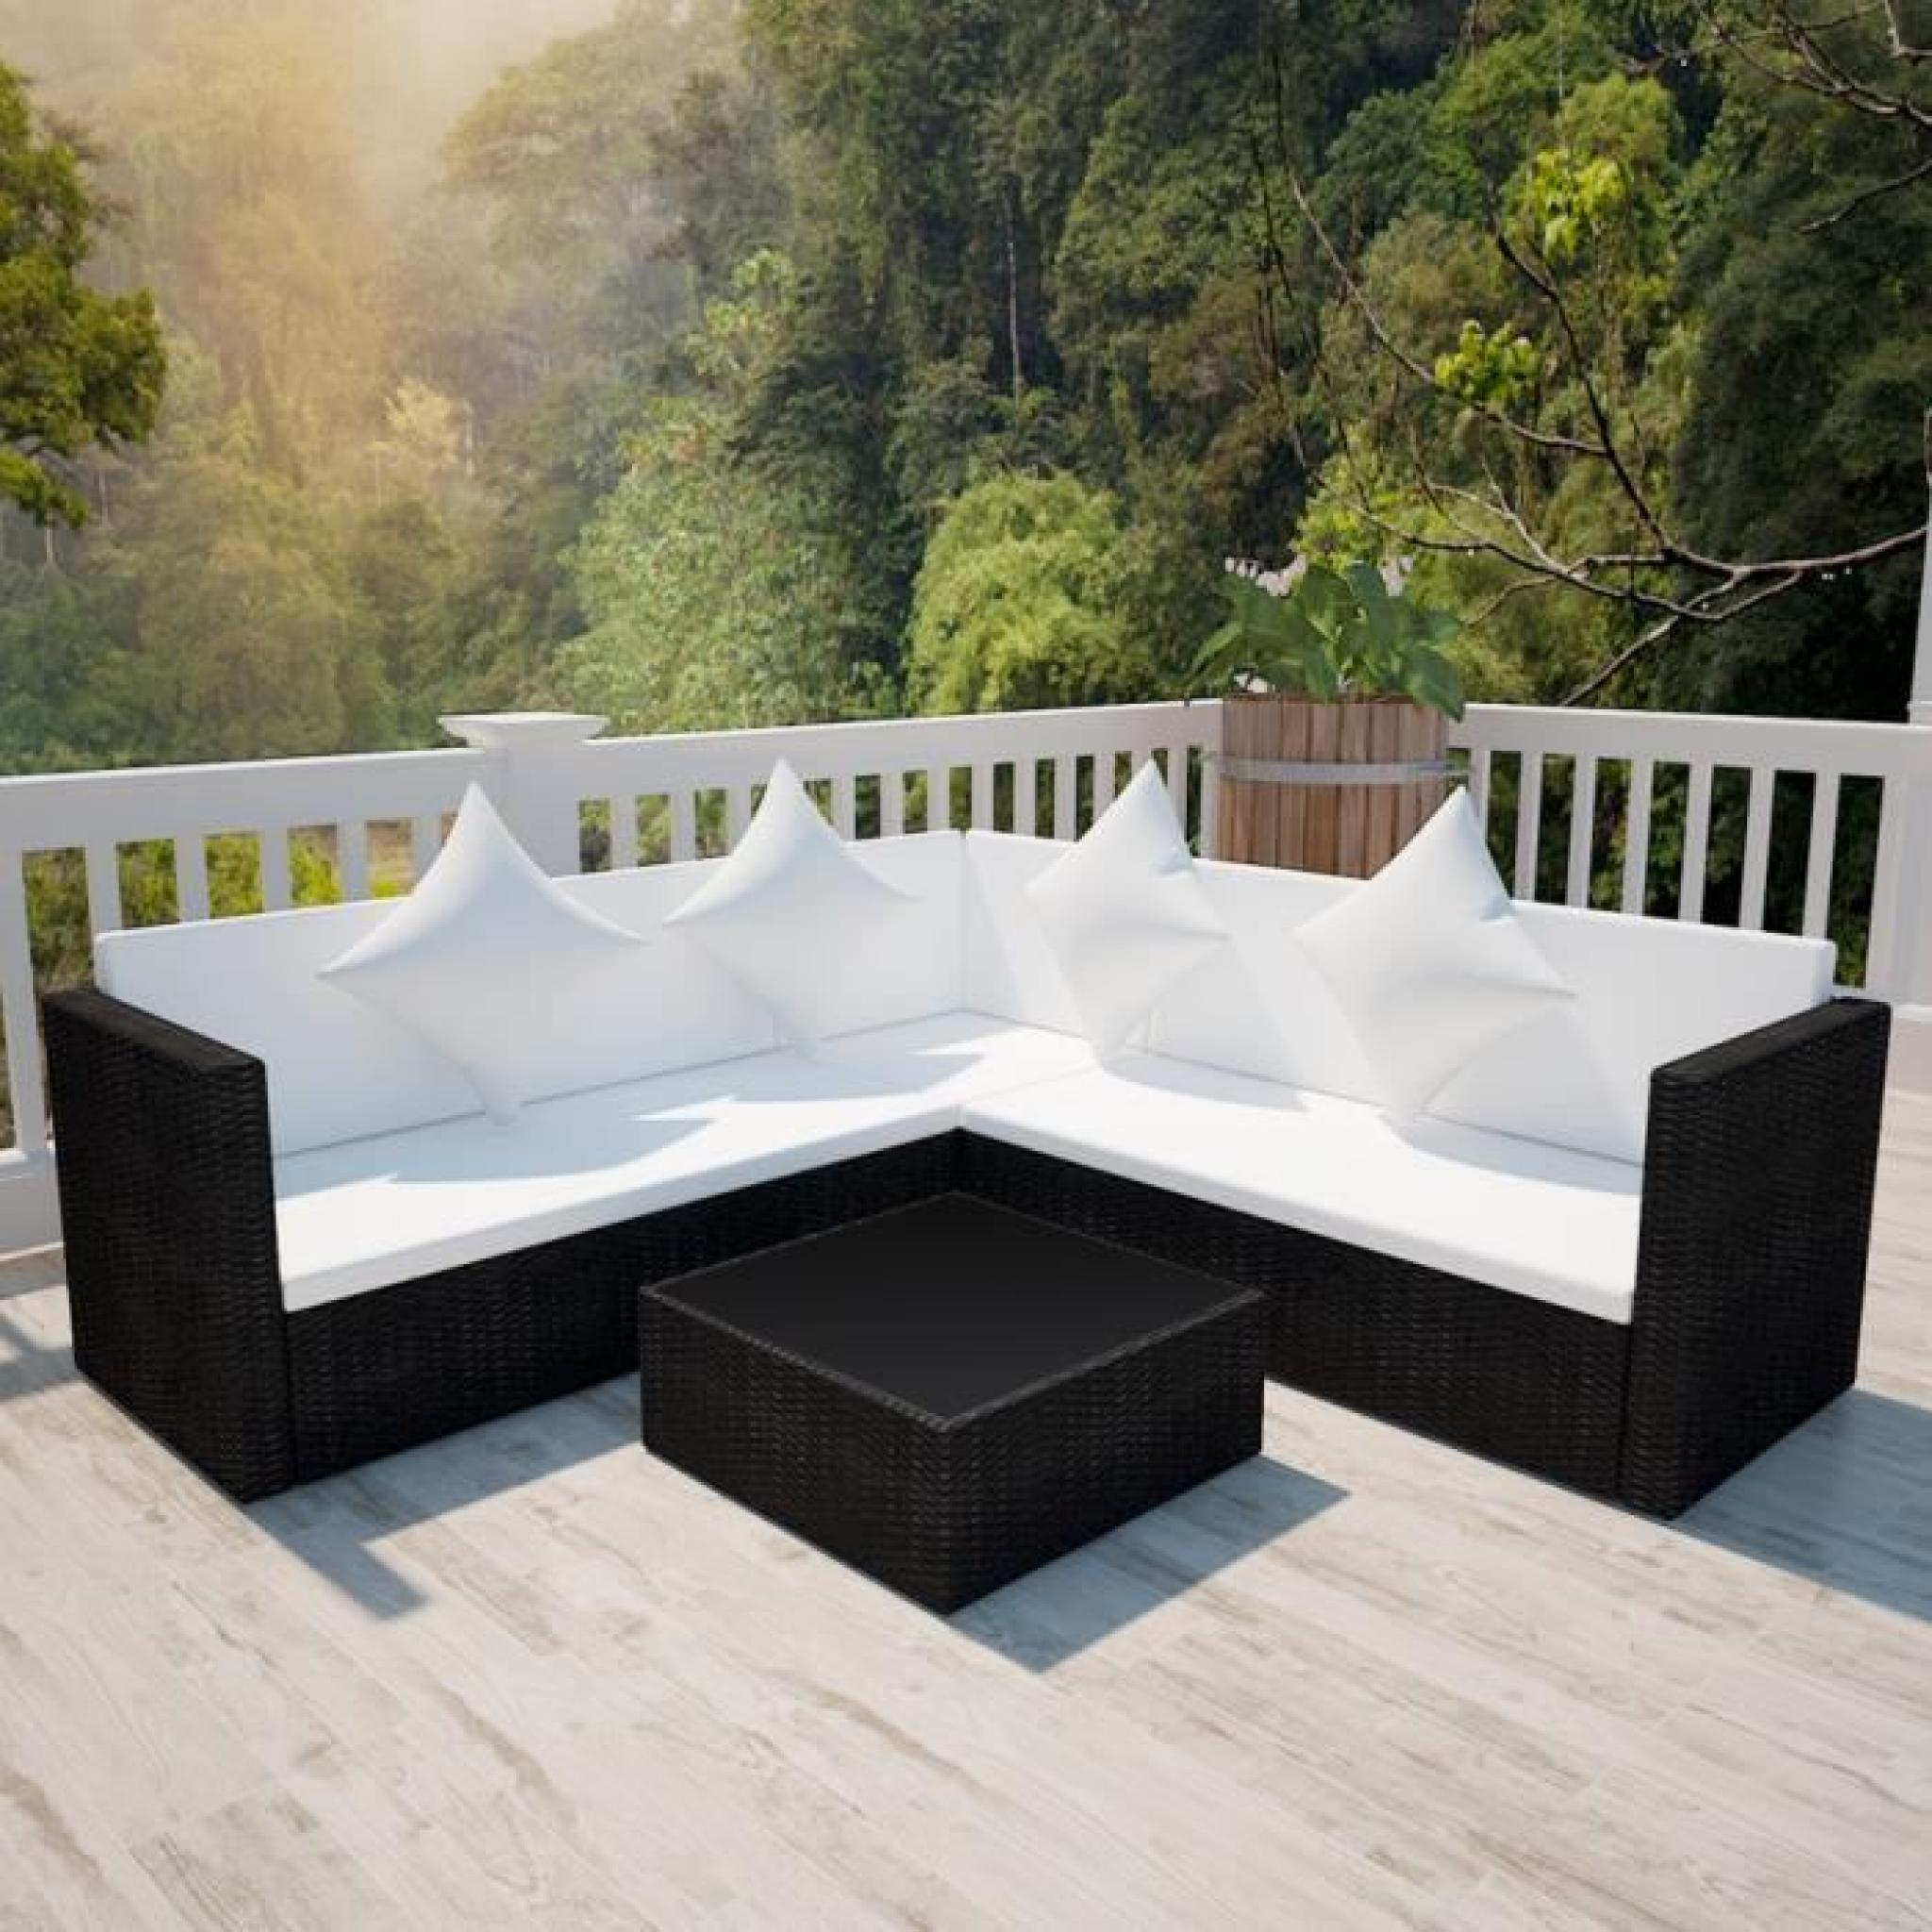 salon de jardin avec canap 2 places en polyrotin noir achat vente ensemble de jardin pas cher. Black Bedroom Furniture Sets. Home Design Ideas